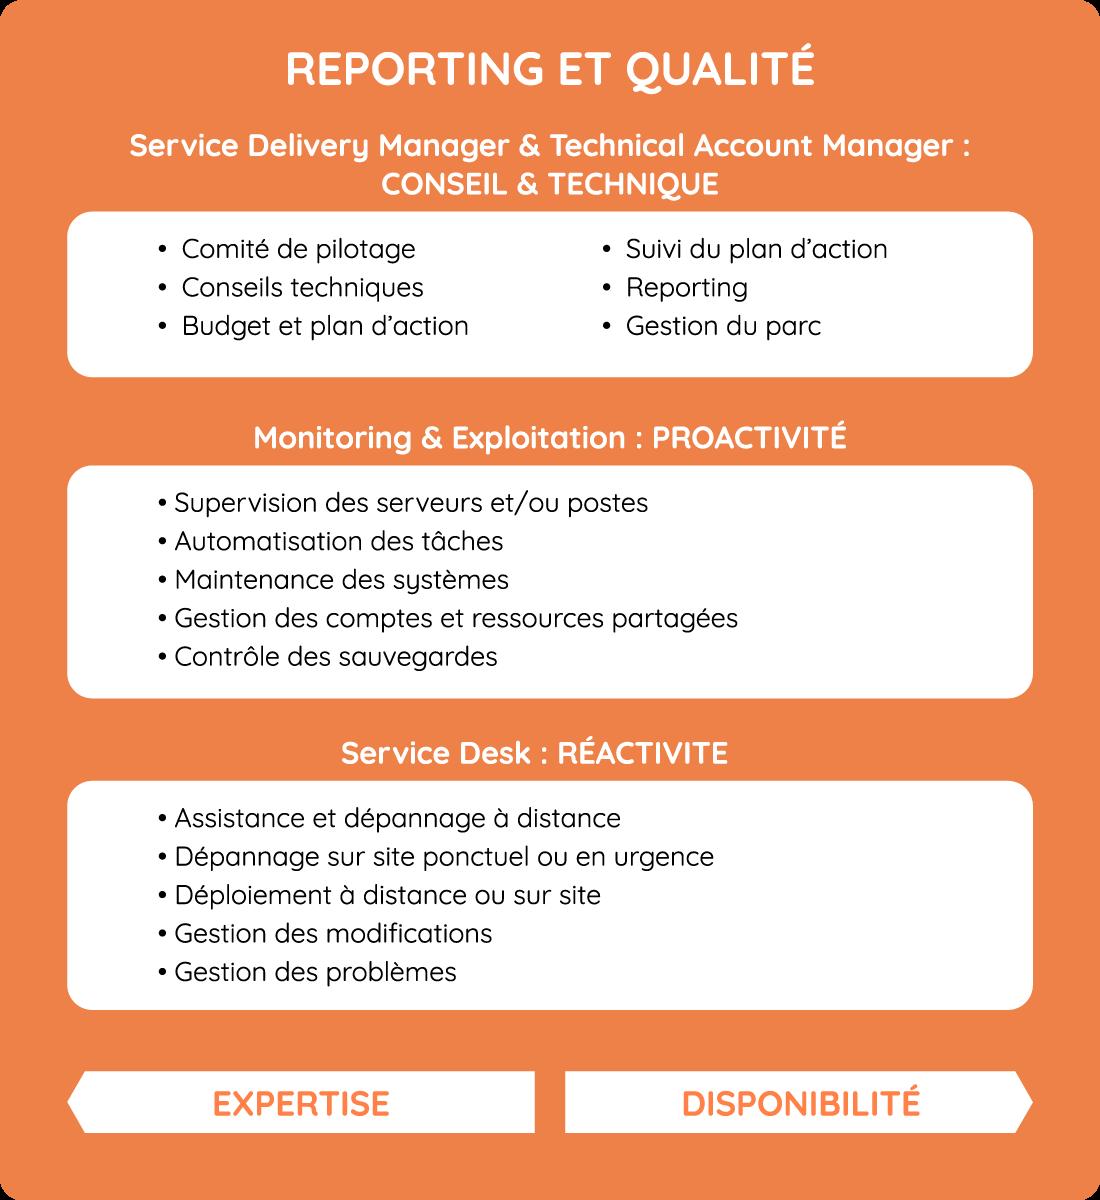 Reporting et qualité